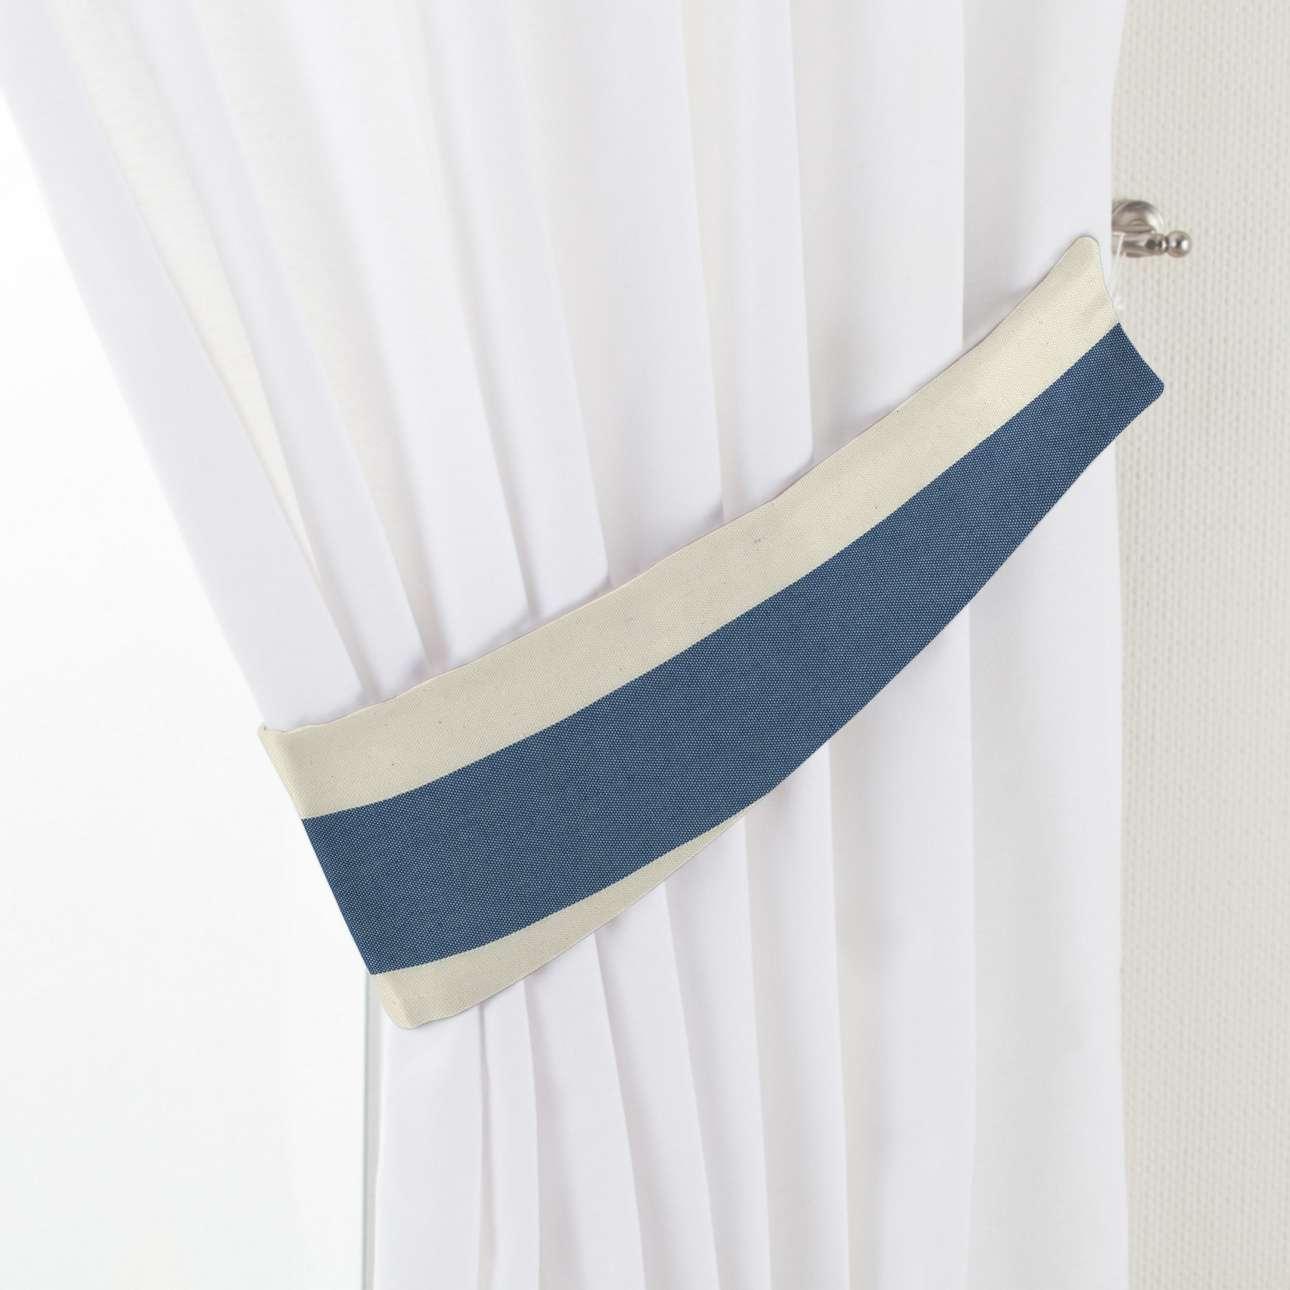 Úchyt Victoria, 1ks V kolekcii Quadro, tkanina: 142-70